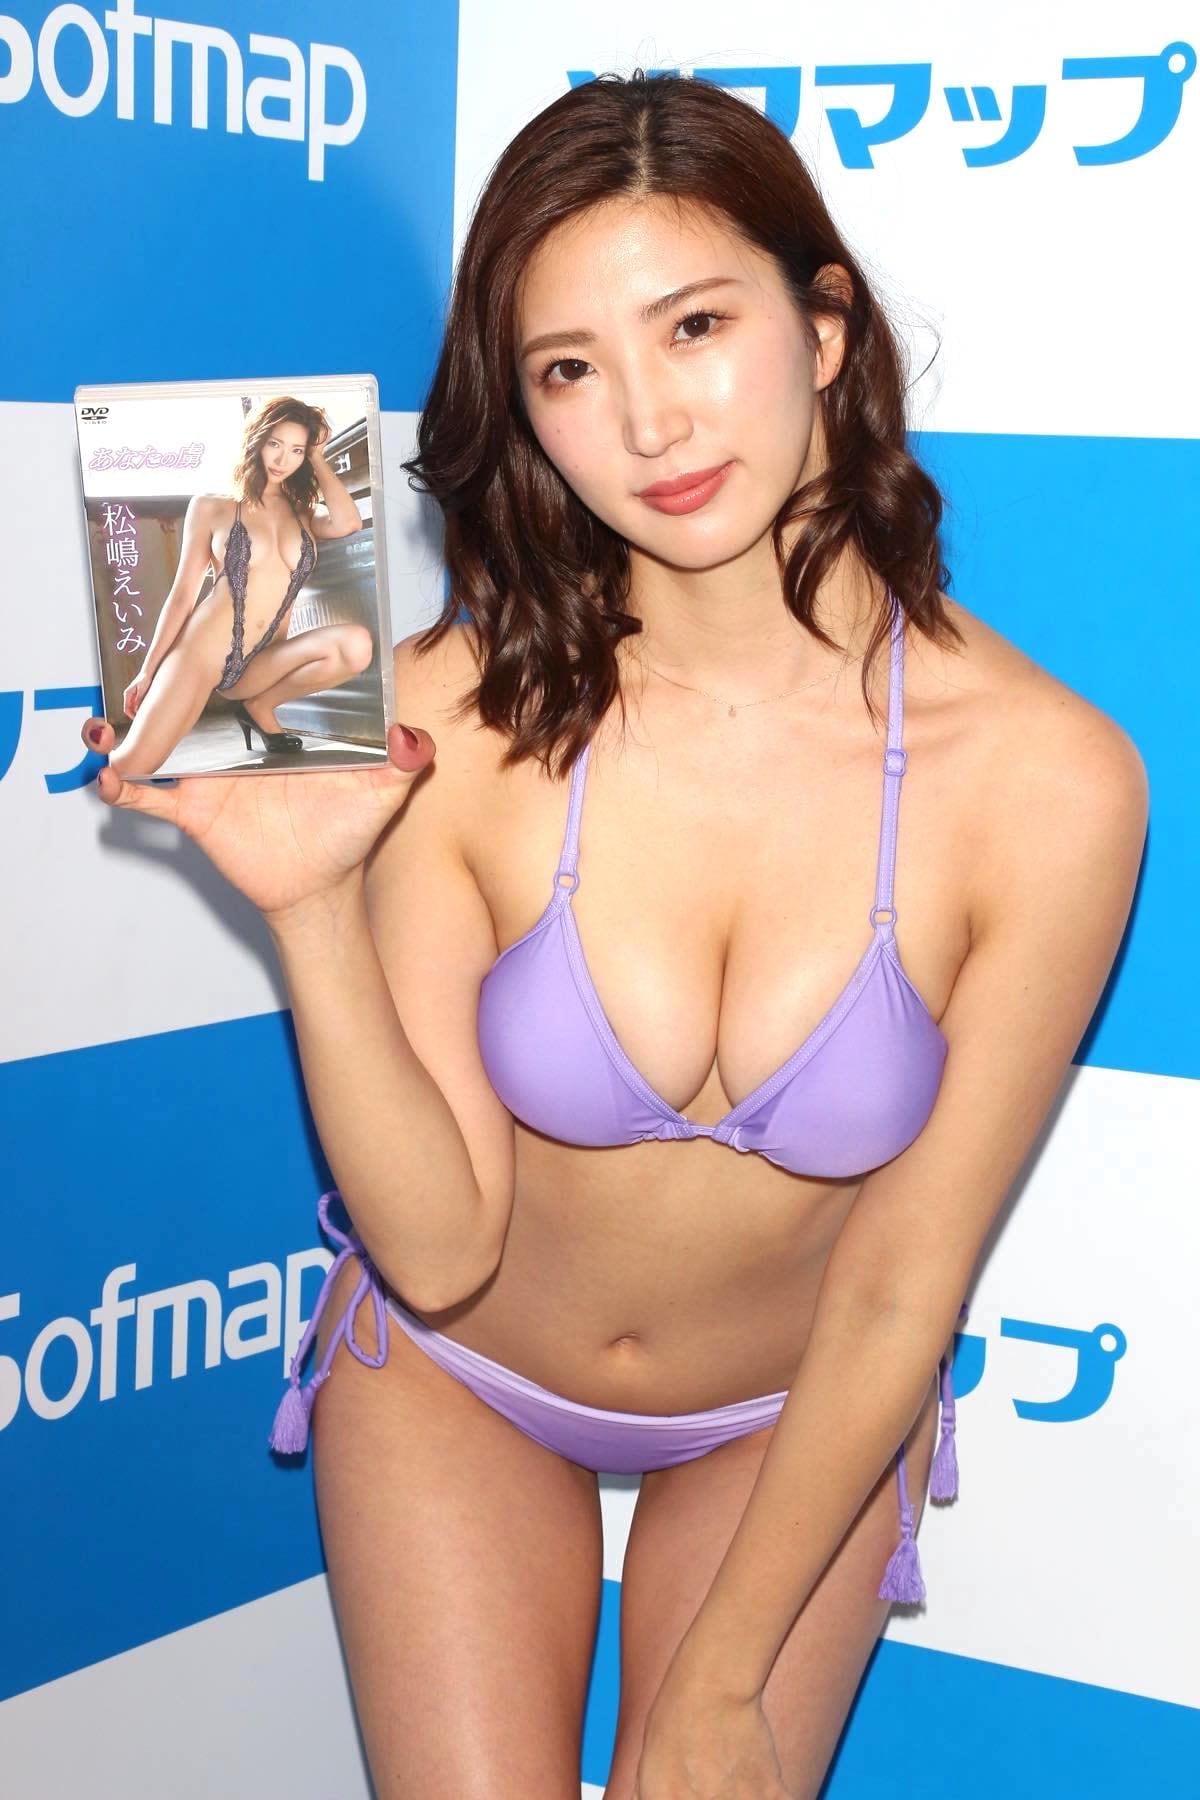 松嶋えいみ「初ローション」でぬるぬるぬるぬる【写真30枚】の画像028